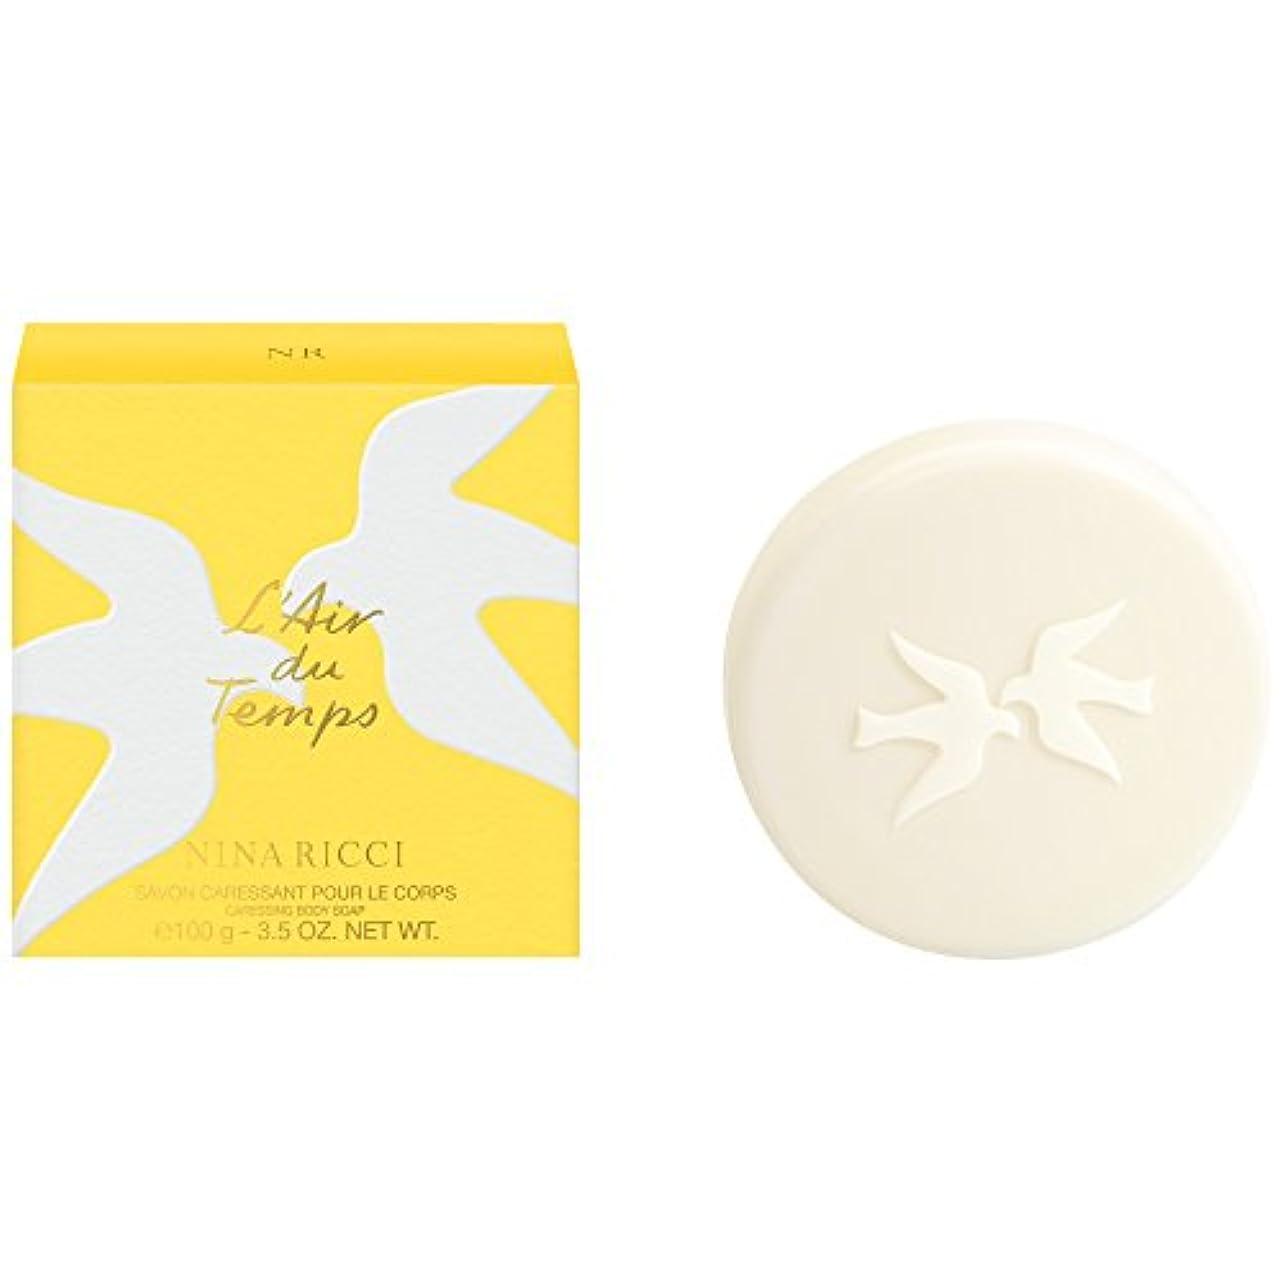 逸脱弁護士タイプニナリッチL'空気デュは石鹸の100グラムをタン (Nina Ricci) (x2) - Nina Ricci L'Air du Temps Soap 100g (Pack of 2) [並行輸入品]